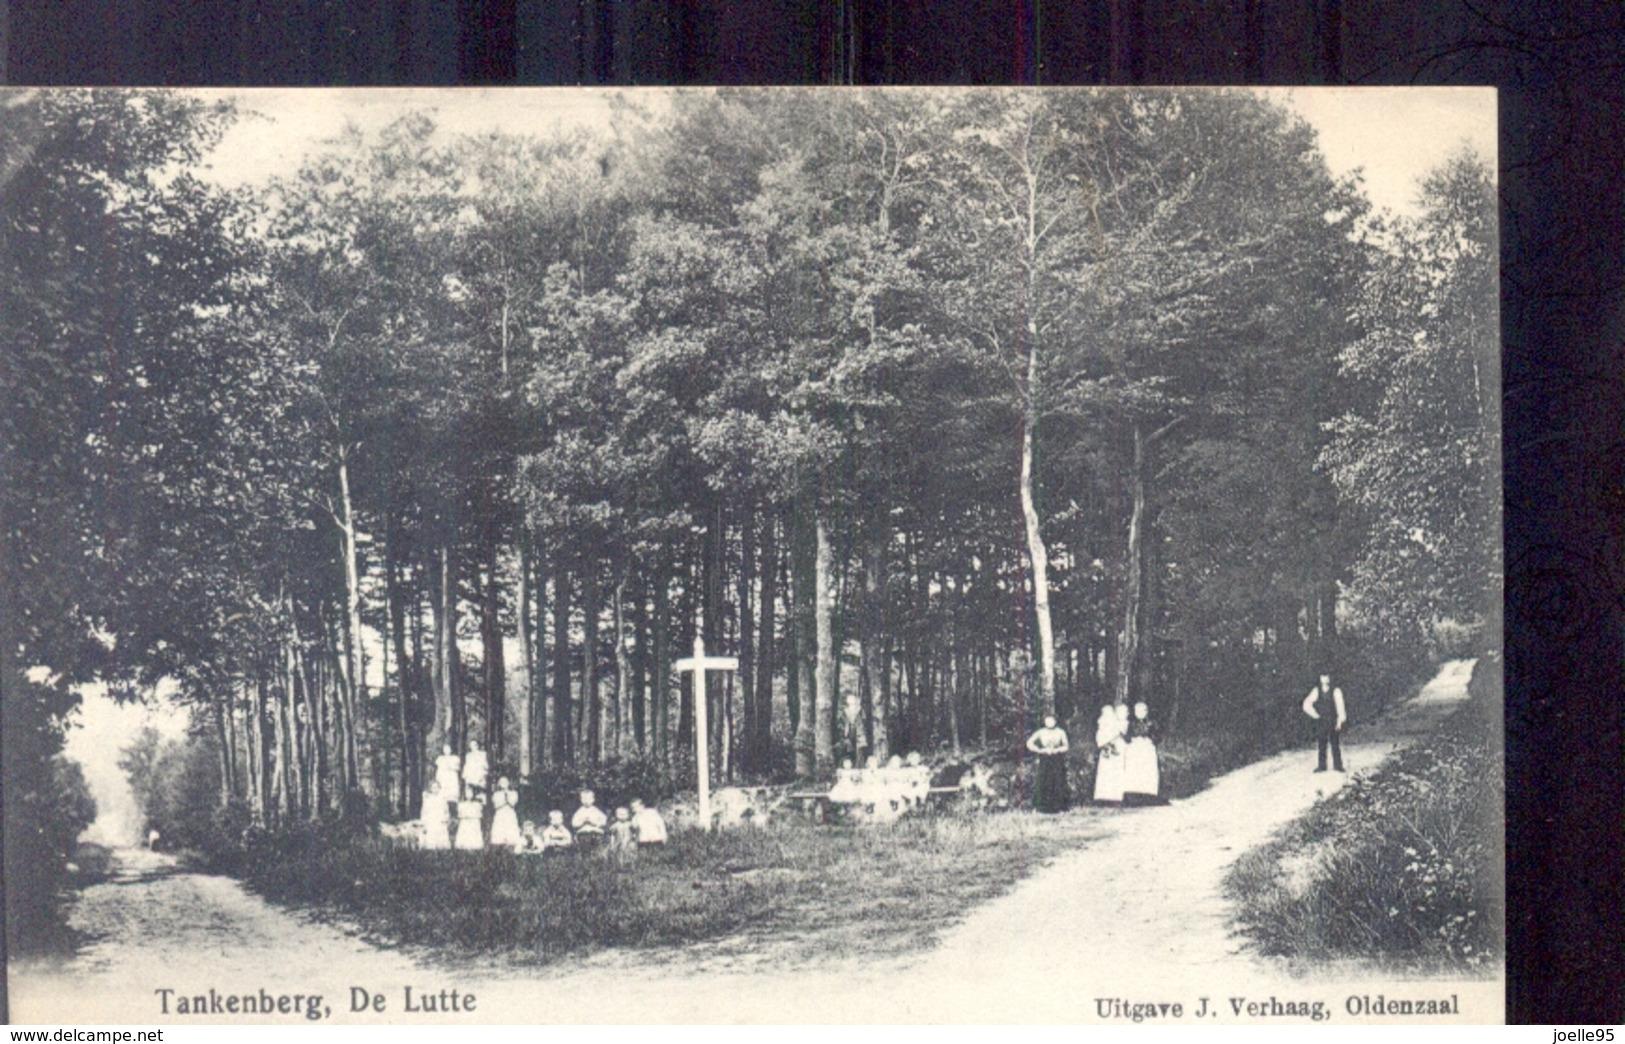 De Lutte - Tankenberg - 1916 - Oldenzaal - Paesi Bassi